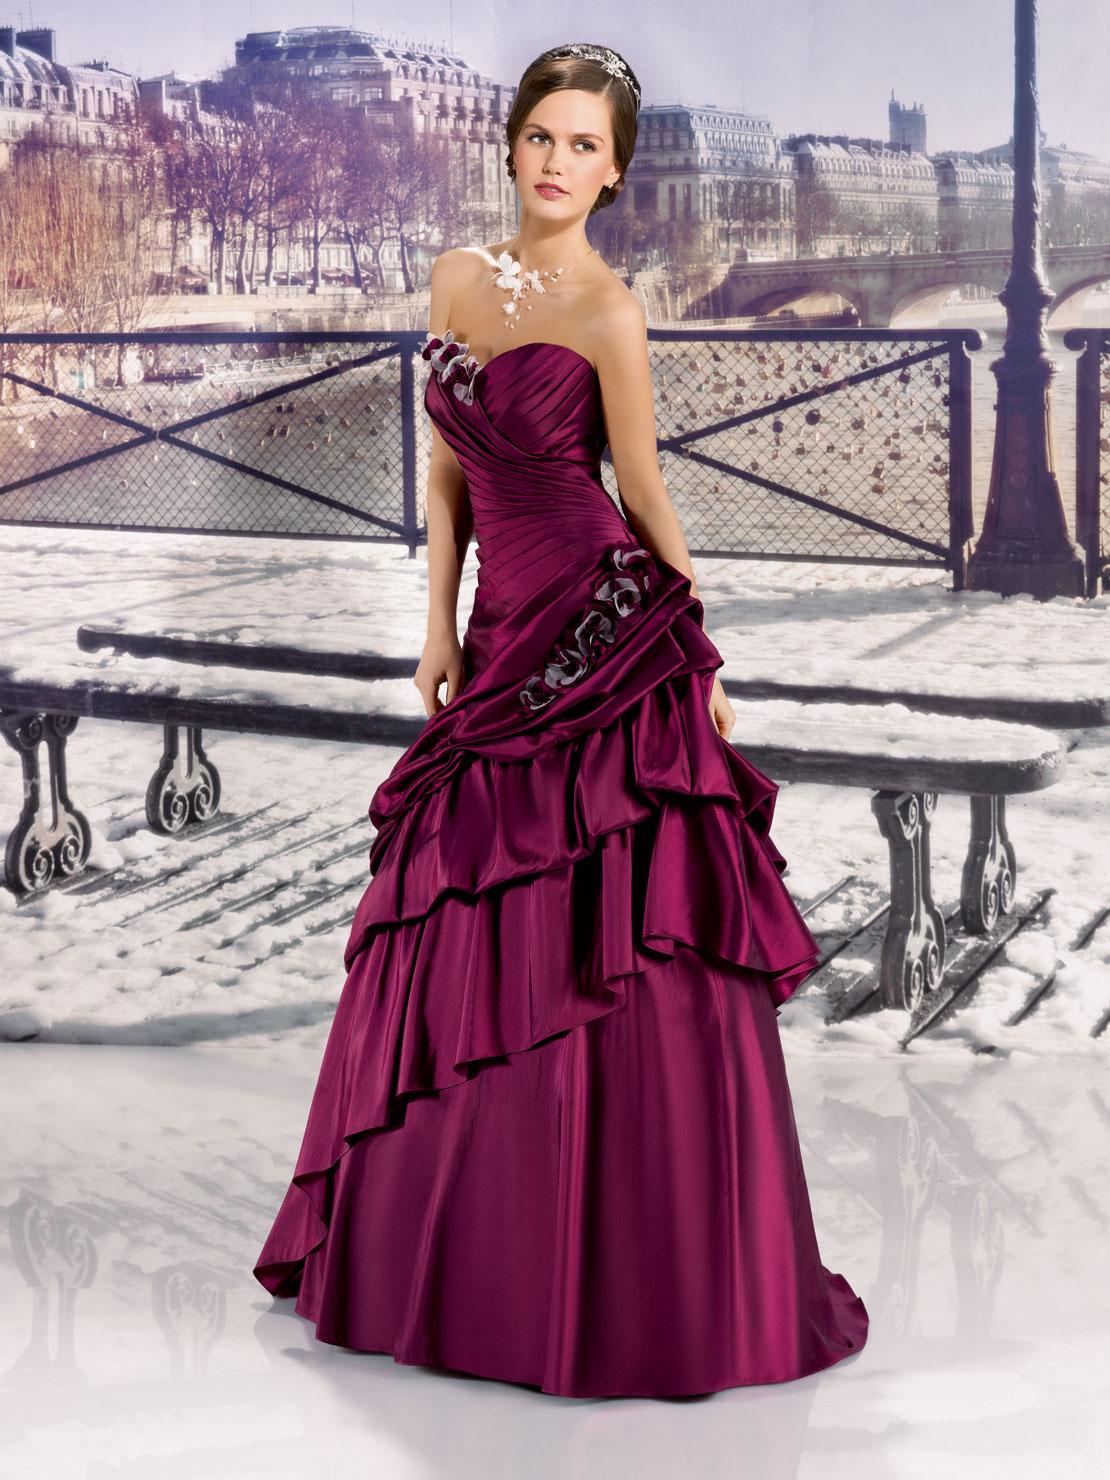 7 - Vestidos de Noiva Coloridos - Inspirações